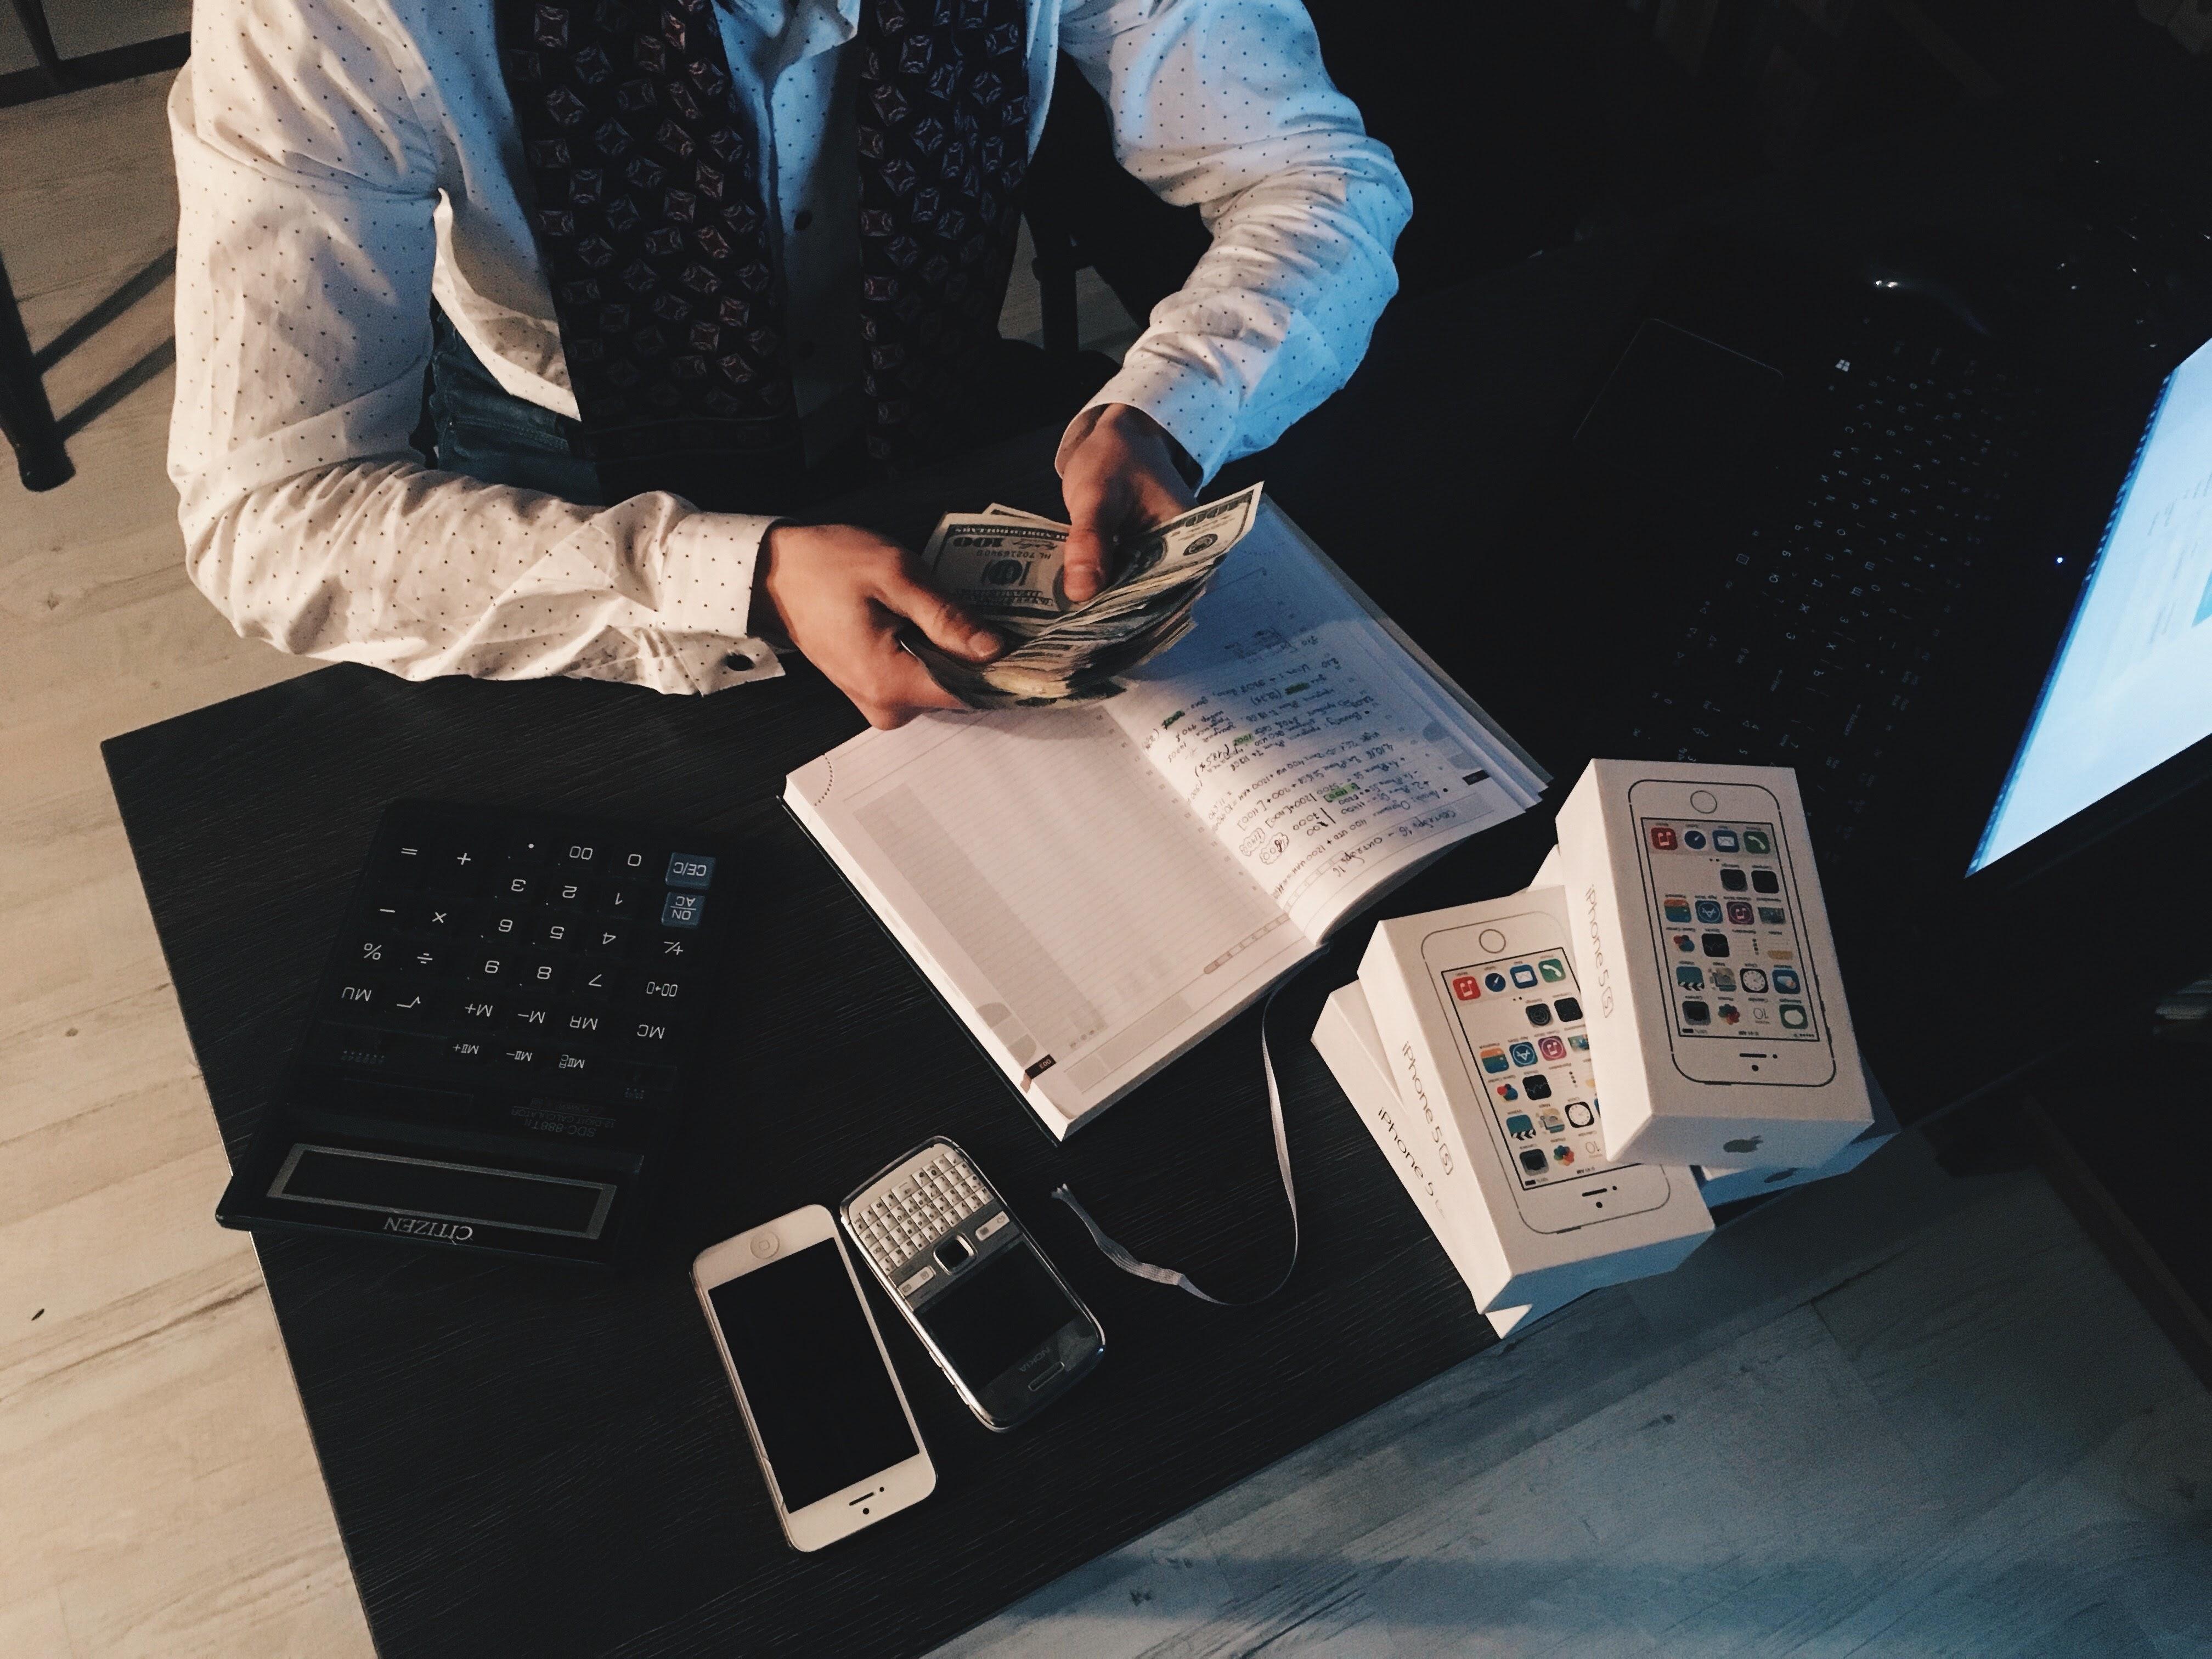 Daňové poradenství a účetnictví není to samé!